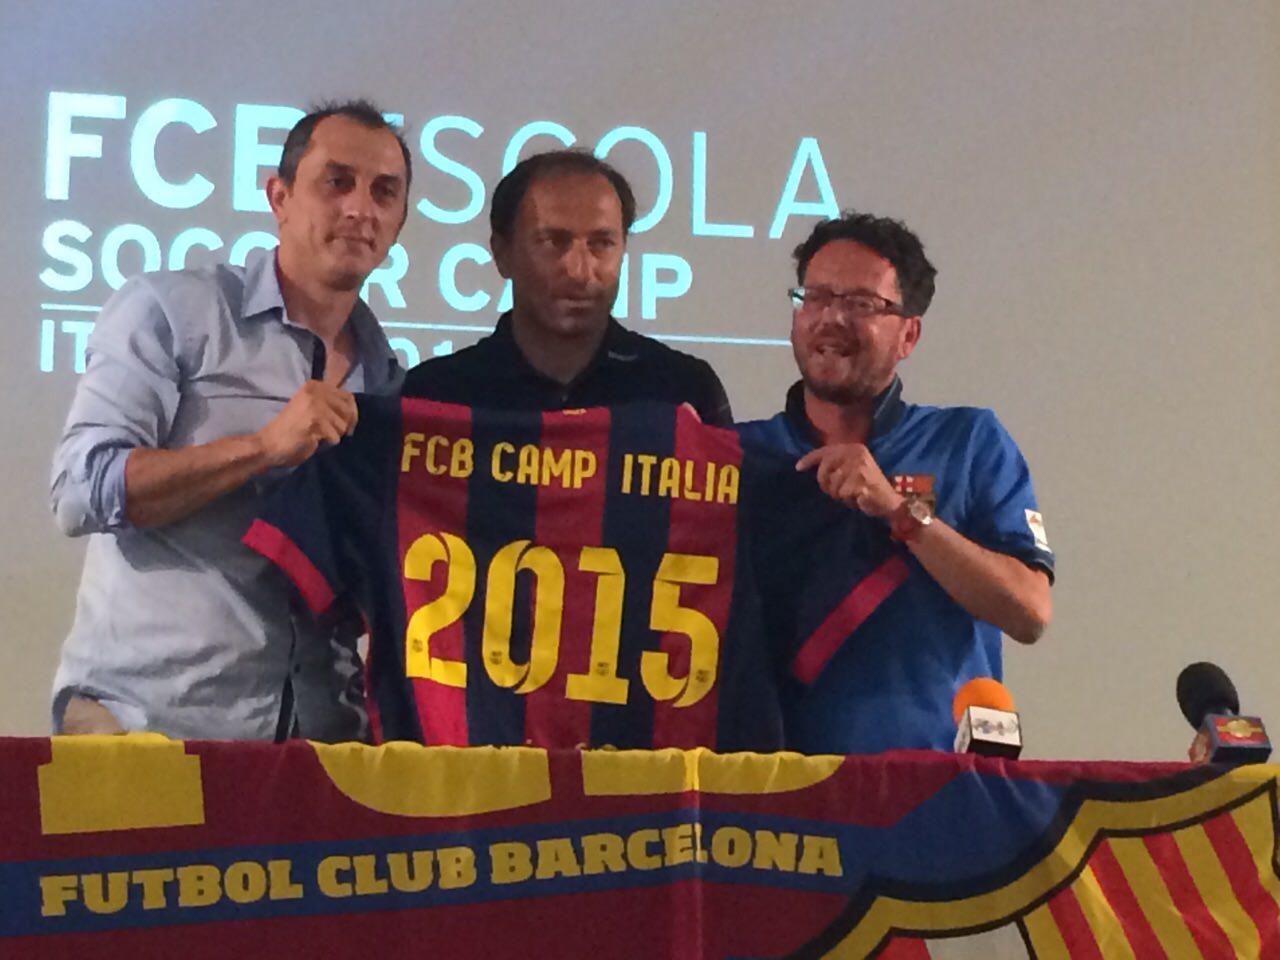 Il Barcellona di Messi a fine agosto a Catania per il suo Camp